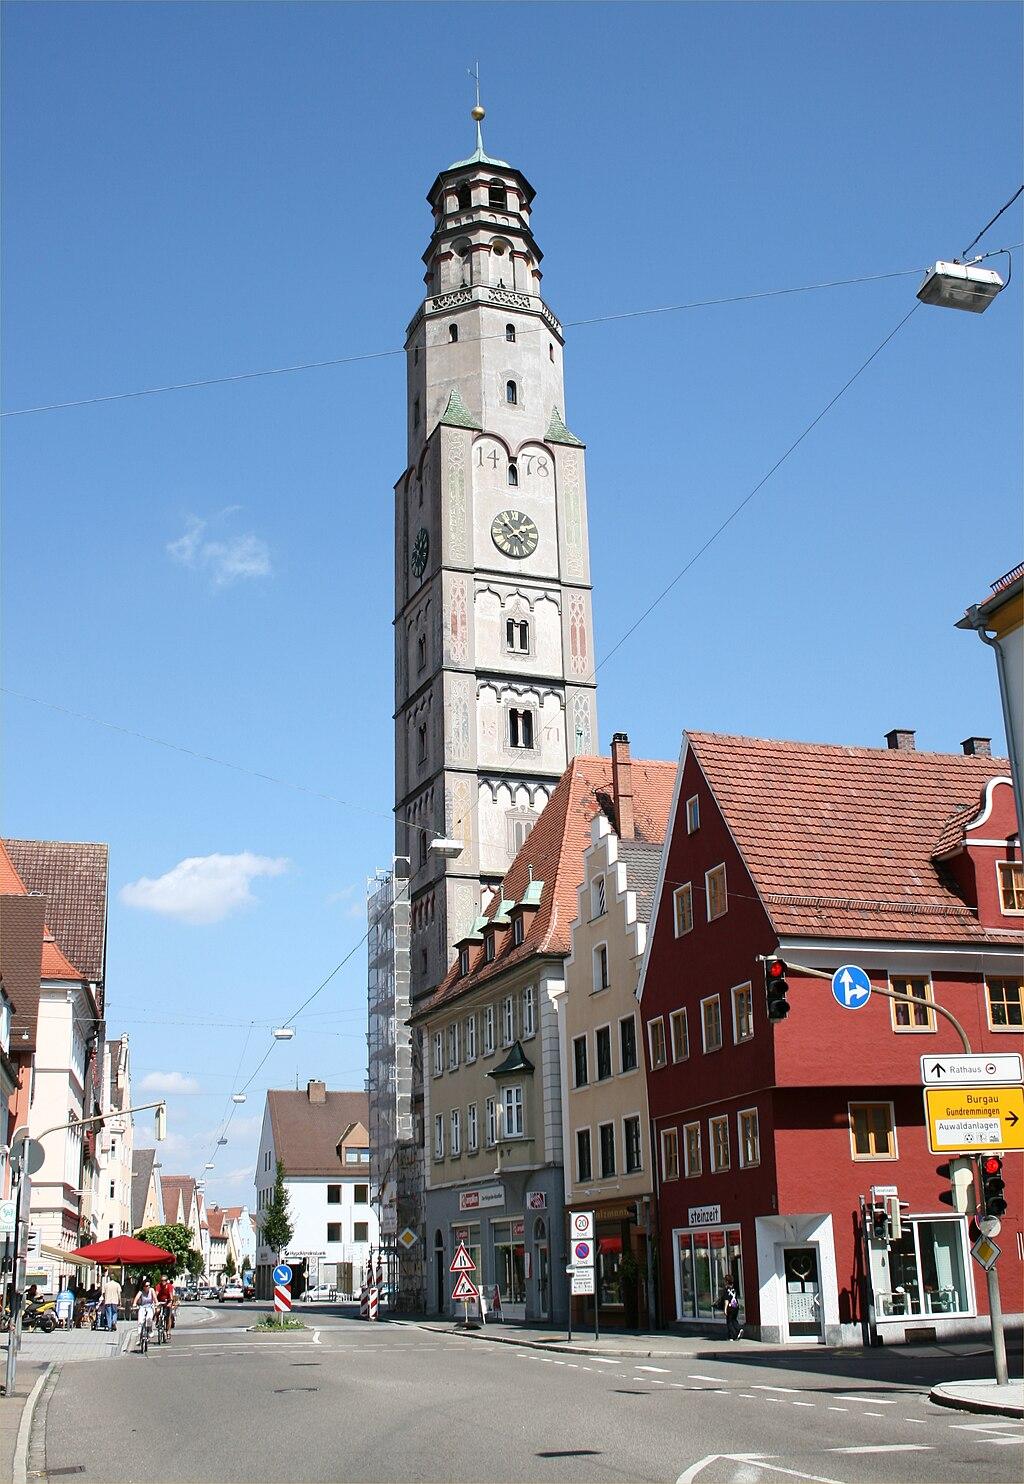 1024px-Lauingen_Schimmelturm.jpg